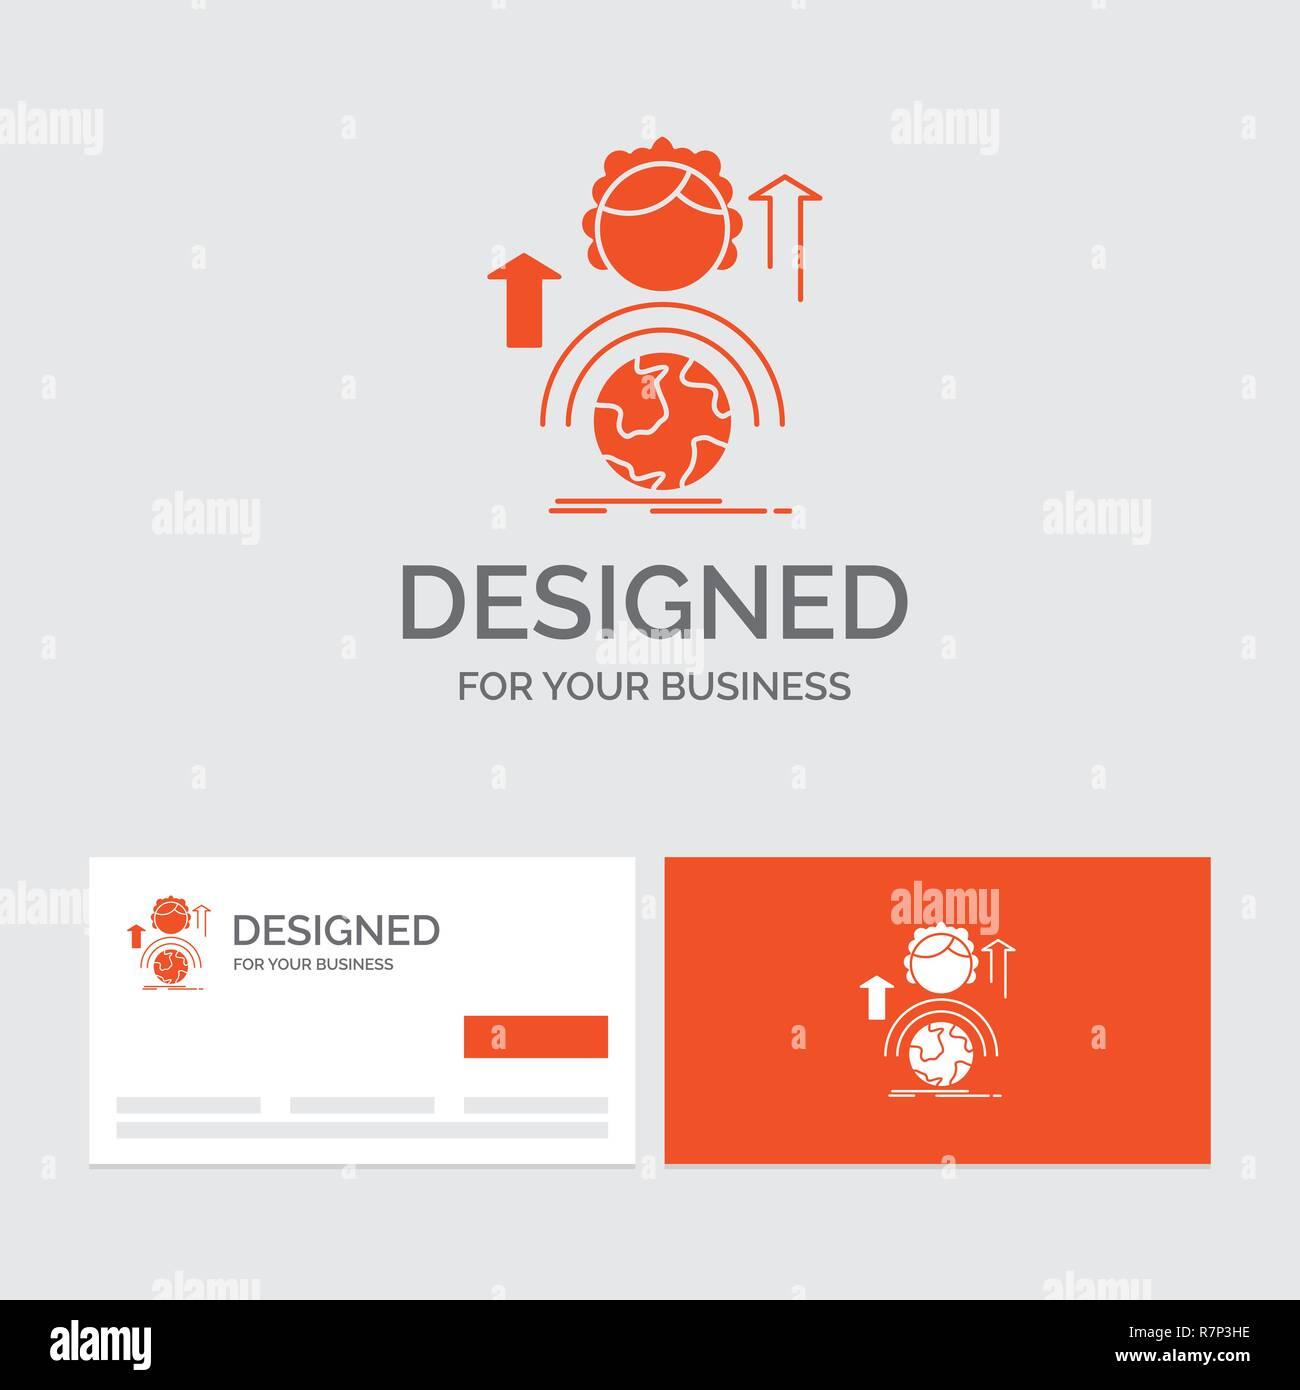 842fce62ab91a Modèle de logo d'entreprise pour les capacités, développement, femme,  mondial, en ligne. Cartes de visite orange avec logo marque modèle.